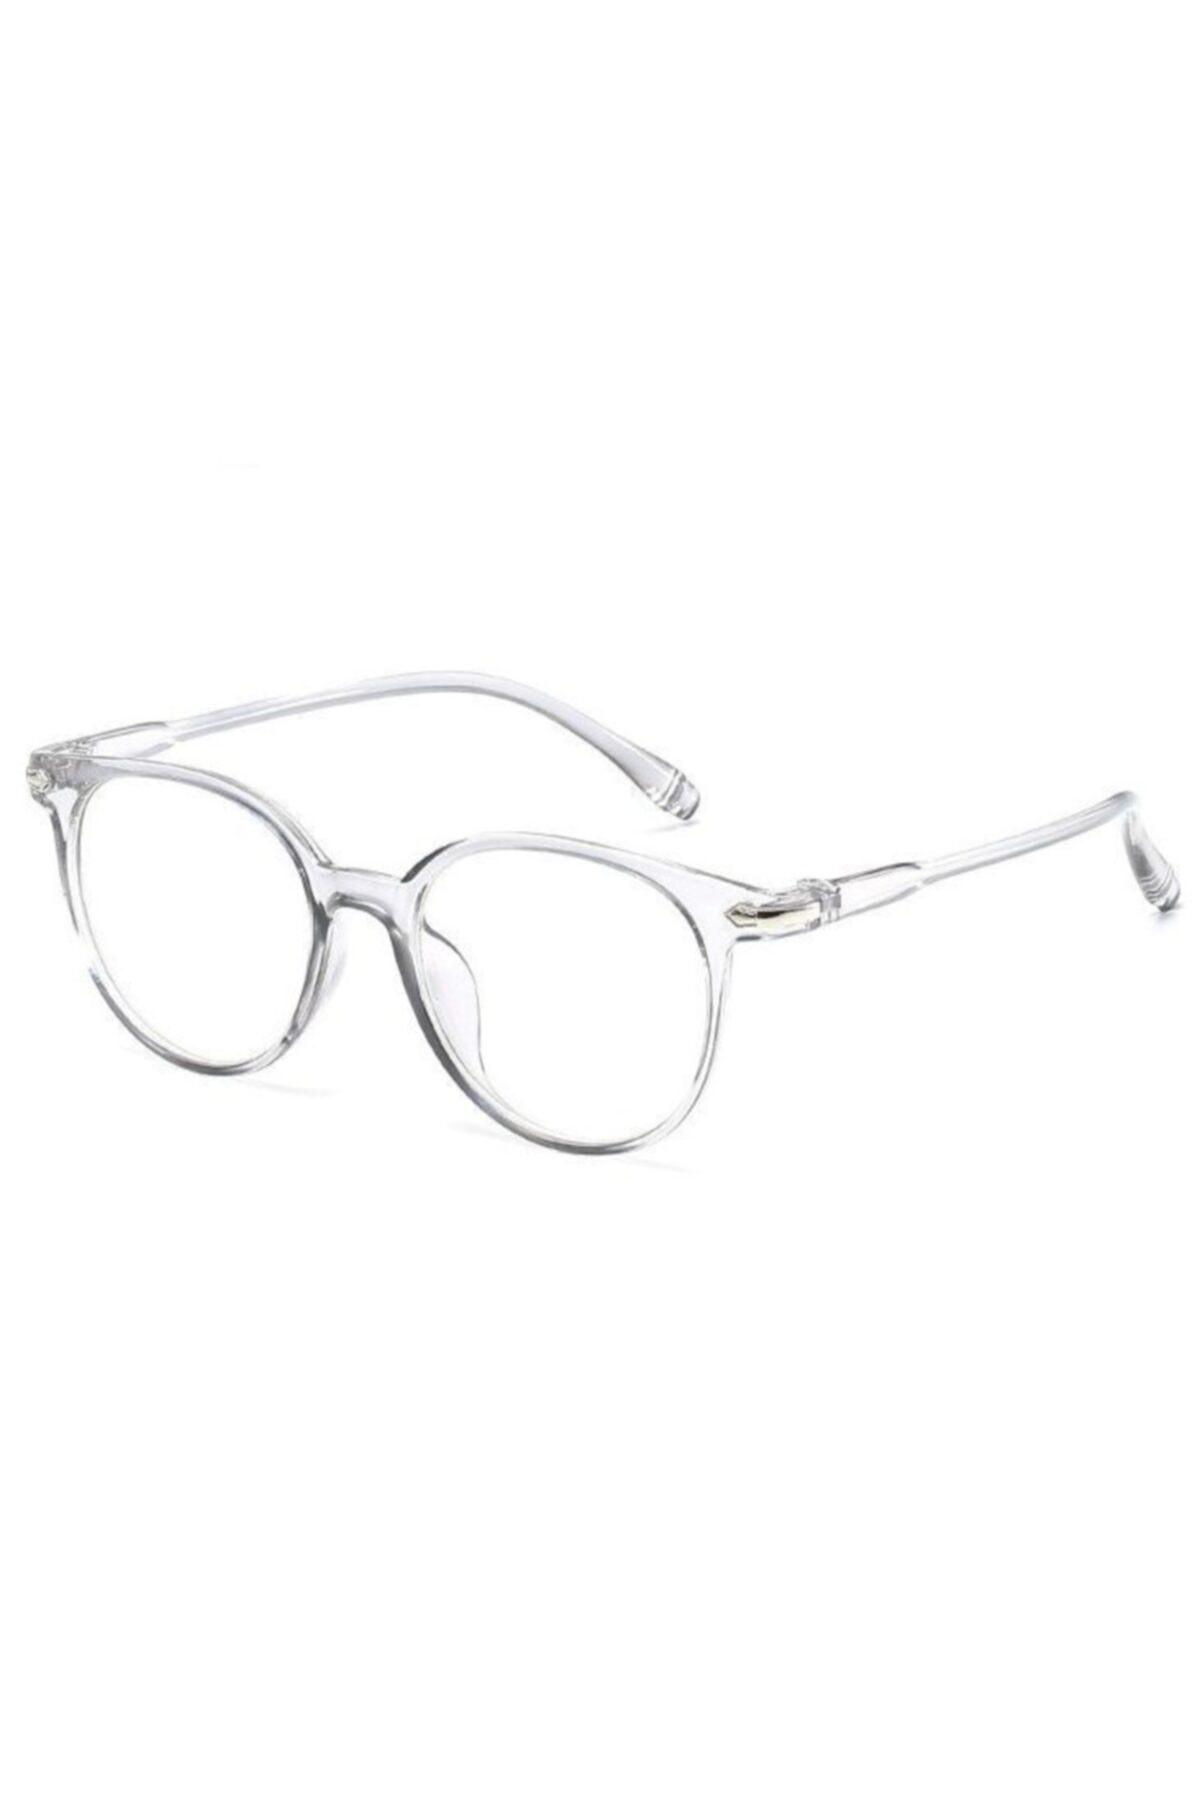 İş Güvenliği Gözlük